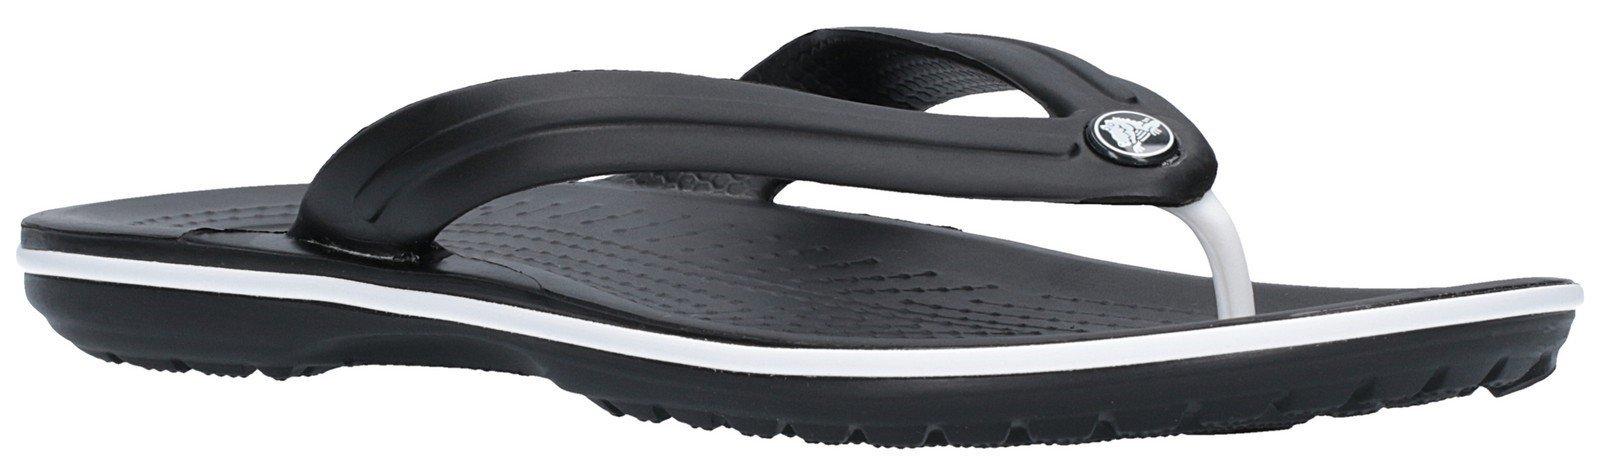 Crocs Unisex Crocband Flip Flops Various Colours 21067 - Black 9